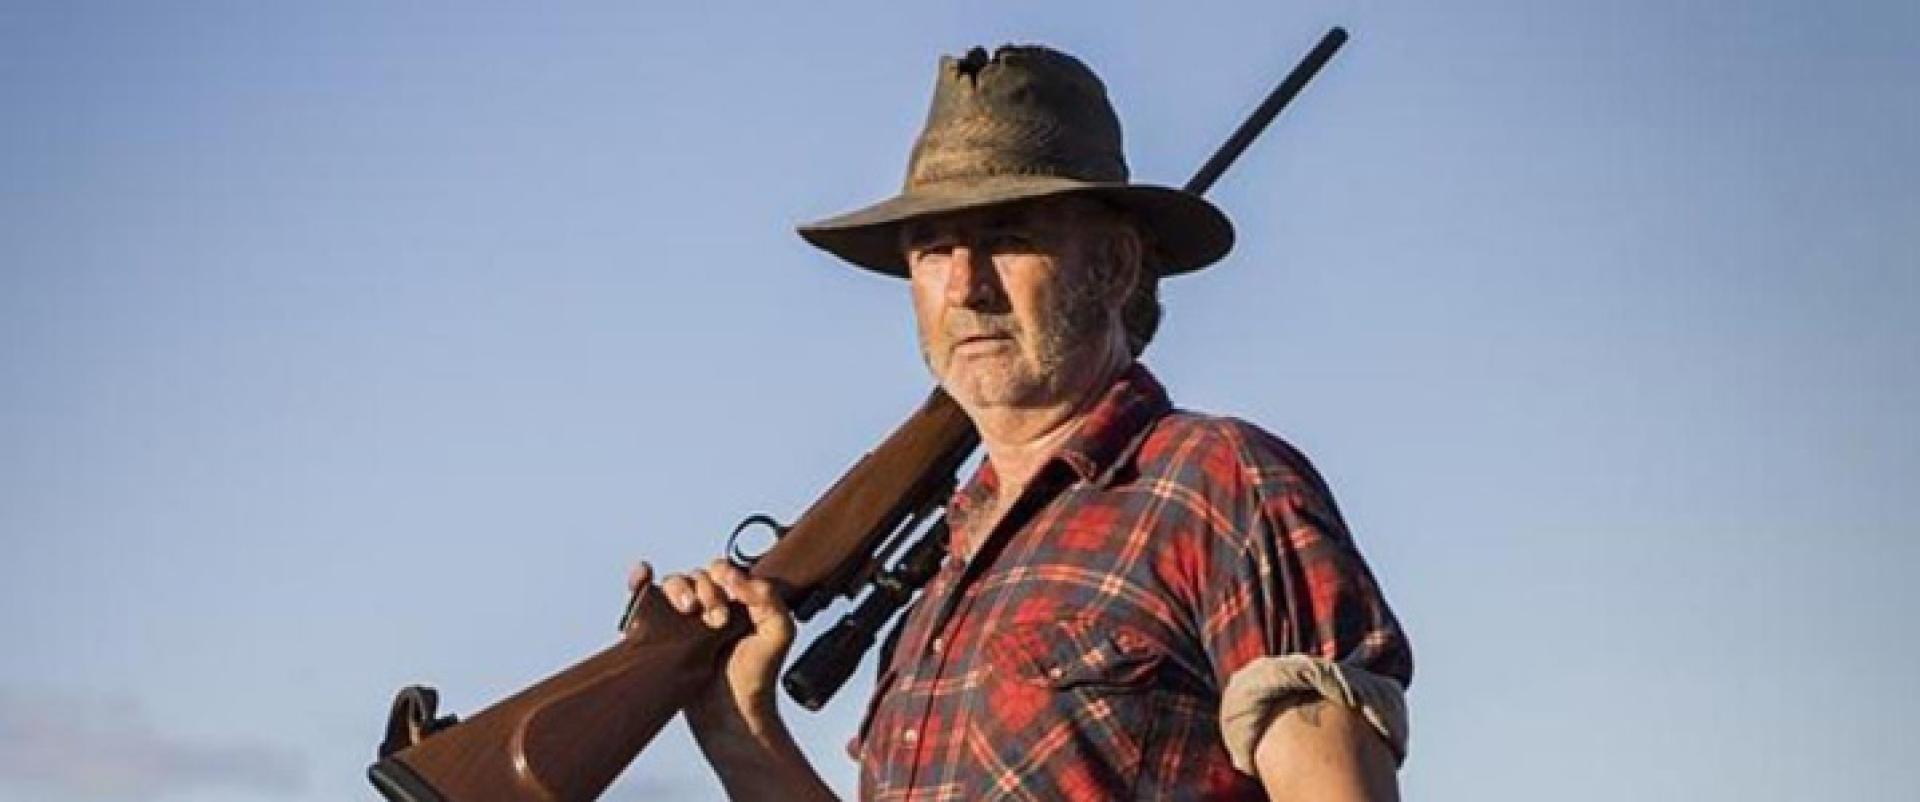 Ausztrál extrém XII. - Wolf Creek 2 (2013)